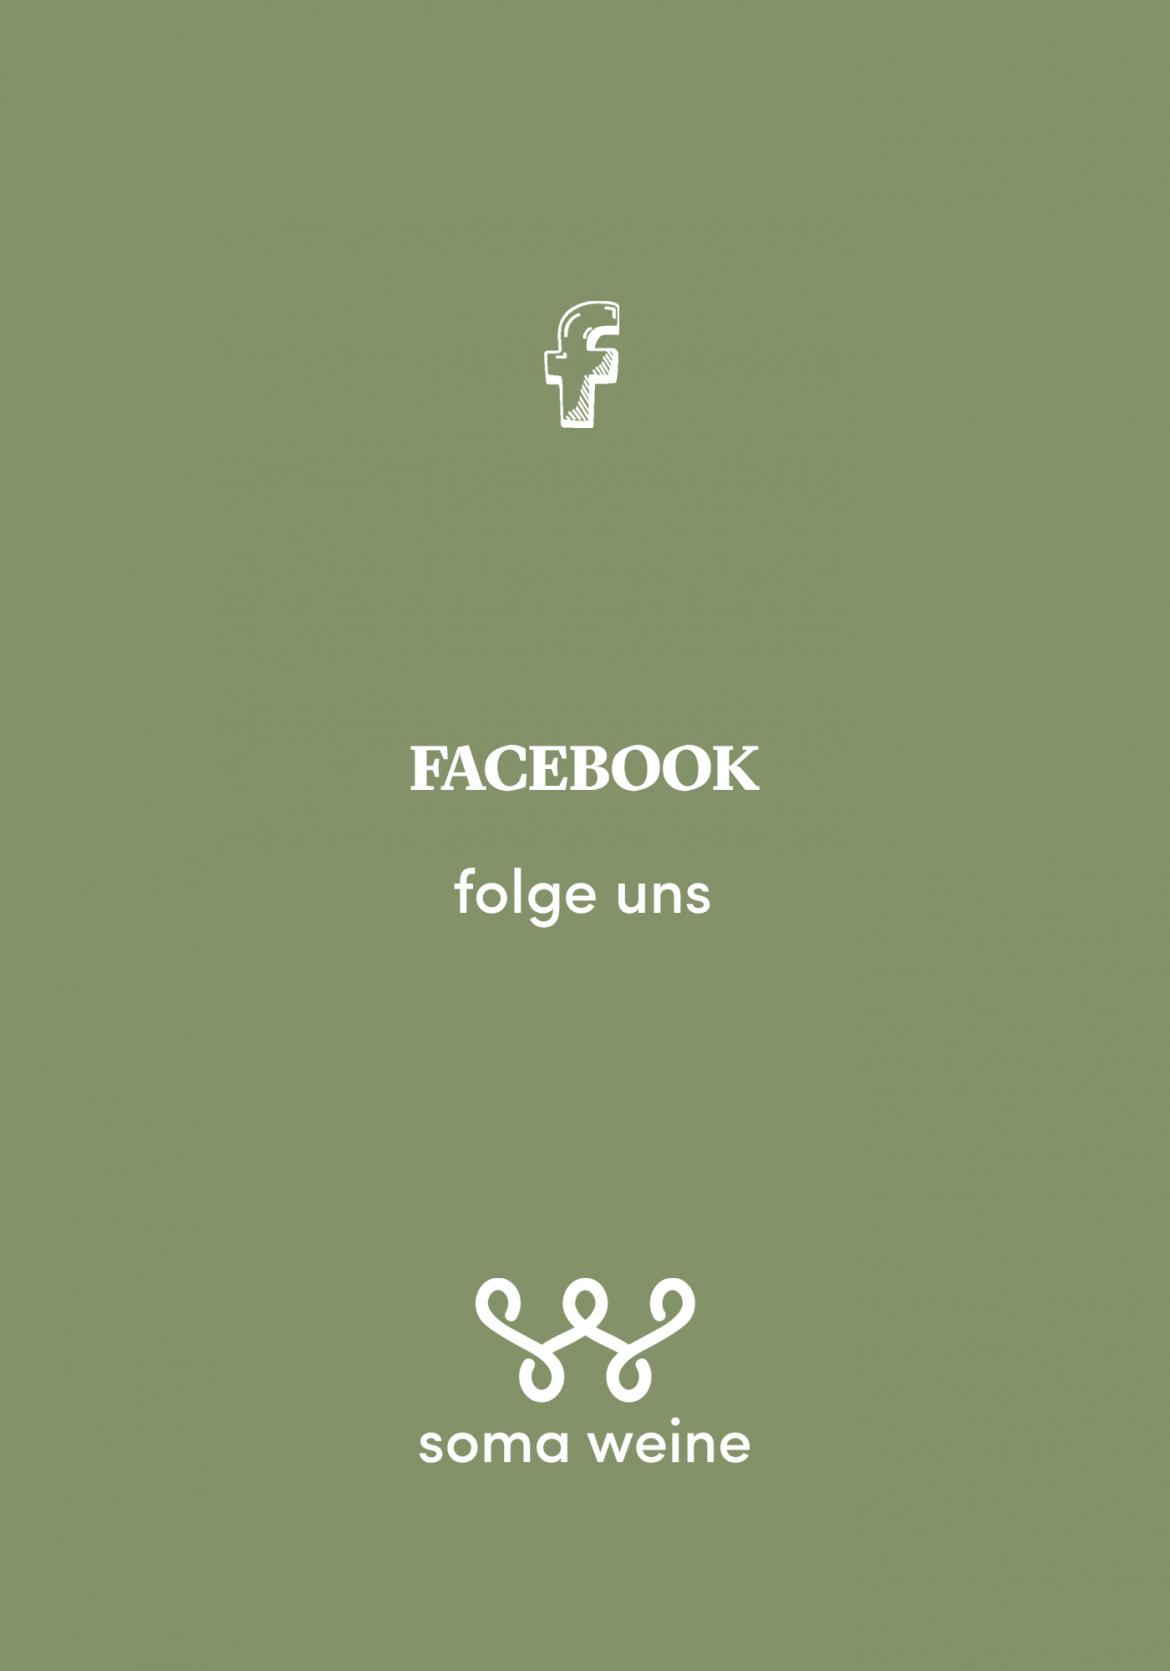 soma weine bei facebook